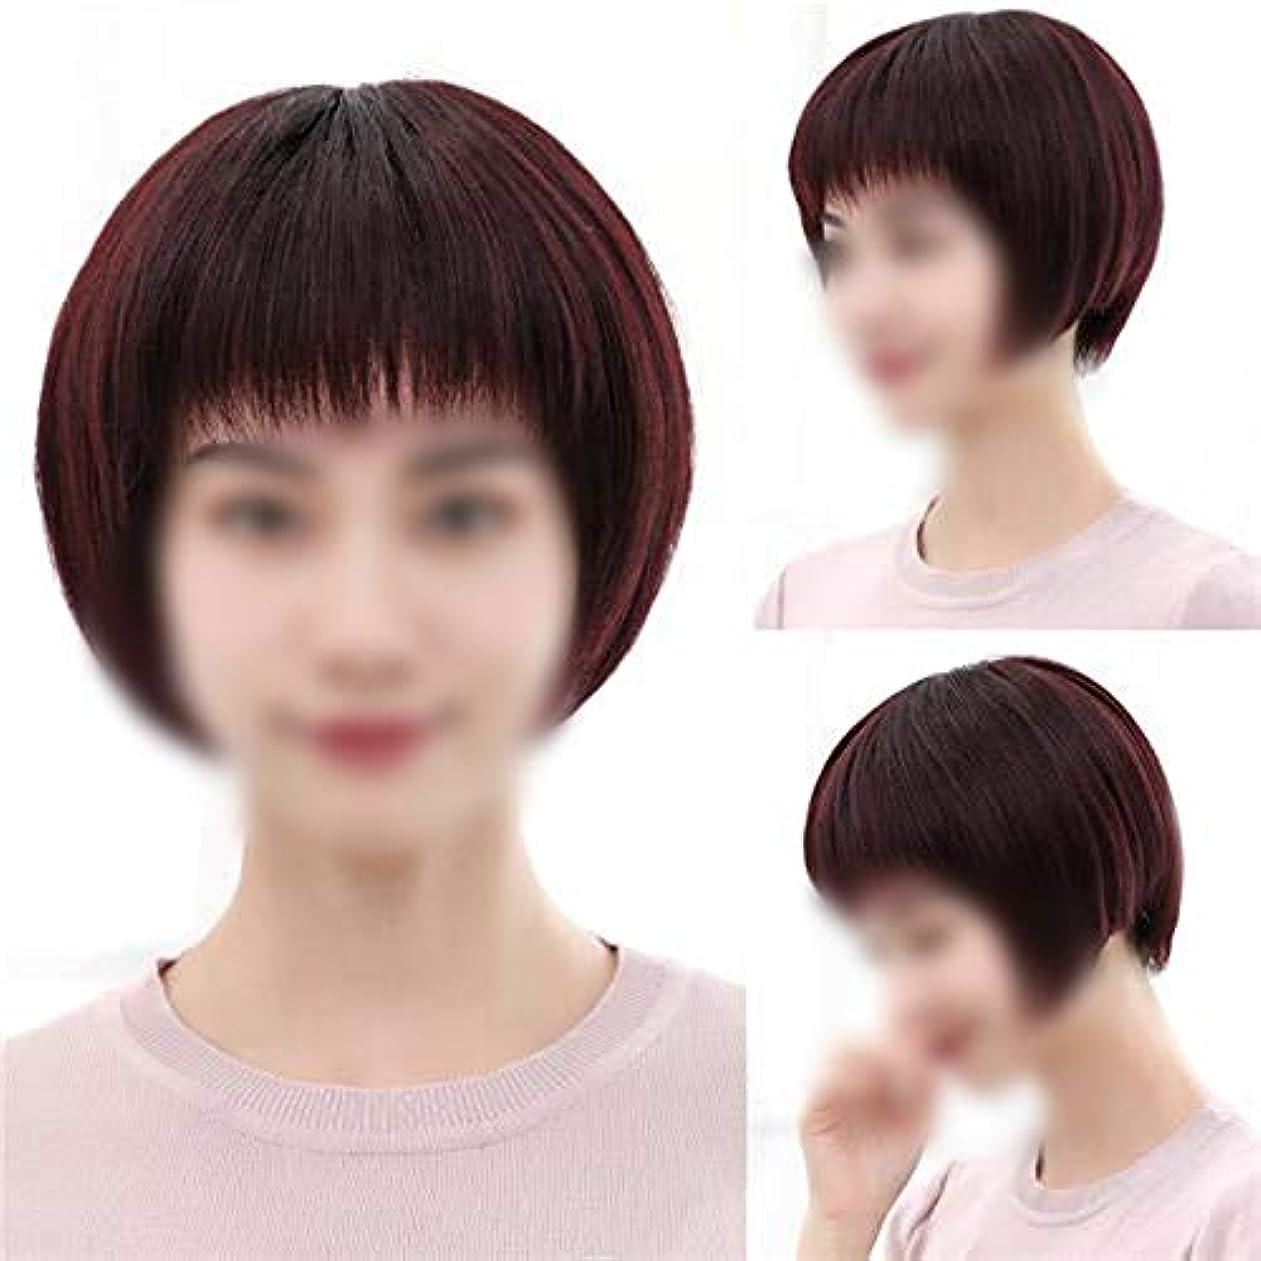 吹きさらし物質鋼YOUQIU 女性の中年ウィッグウィッグボブショートストレート髪のフルハンド織実ヘアウィッグ (色 : Dark brown)